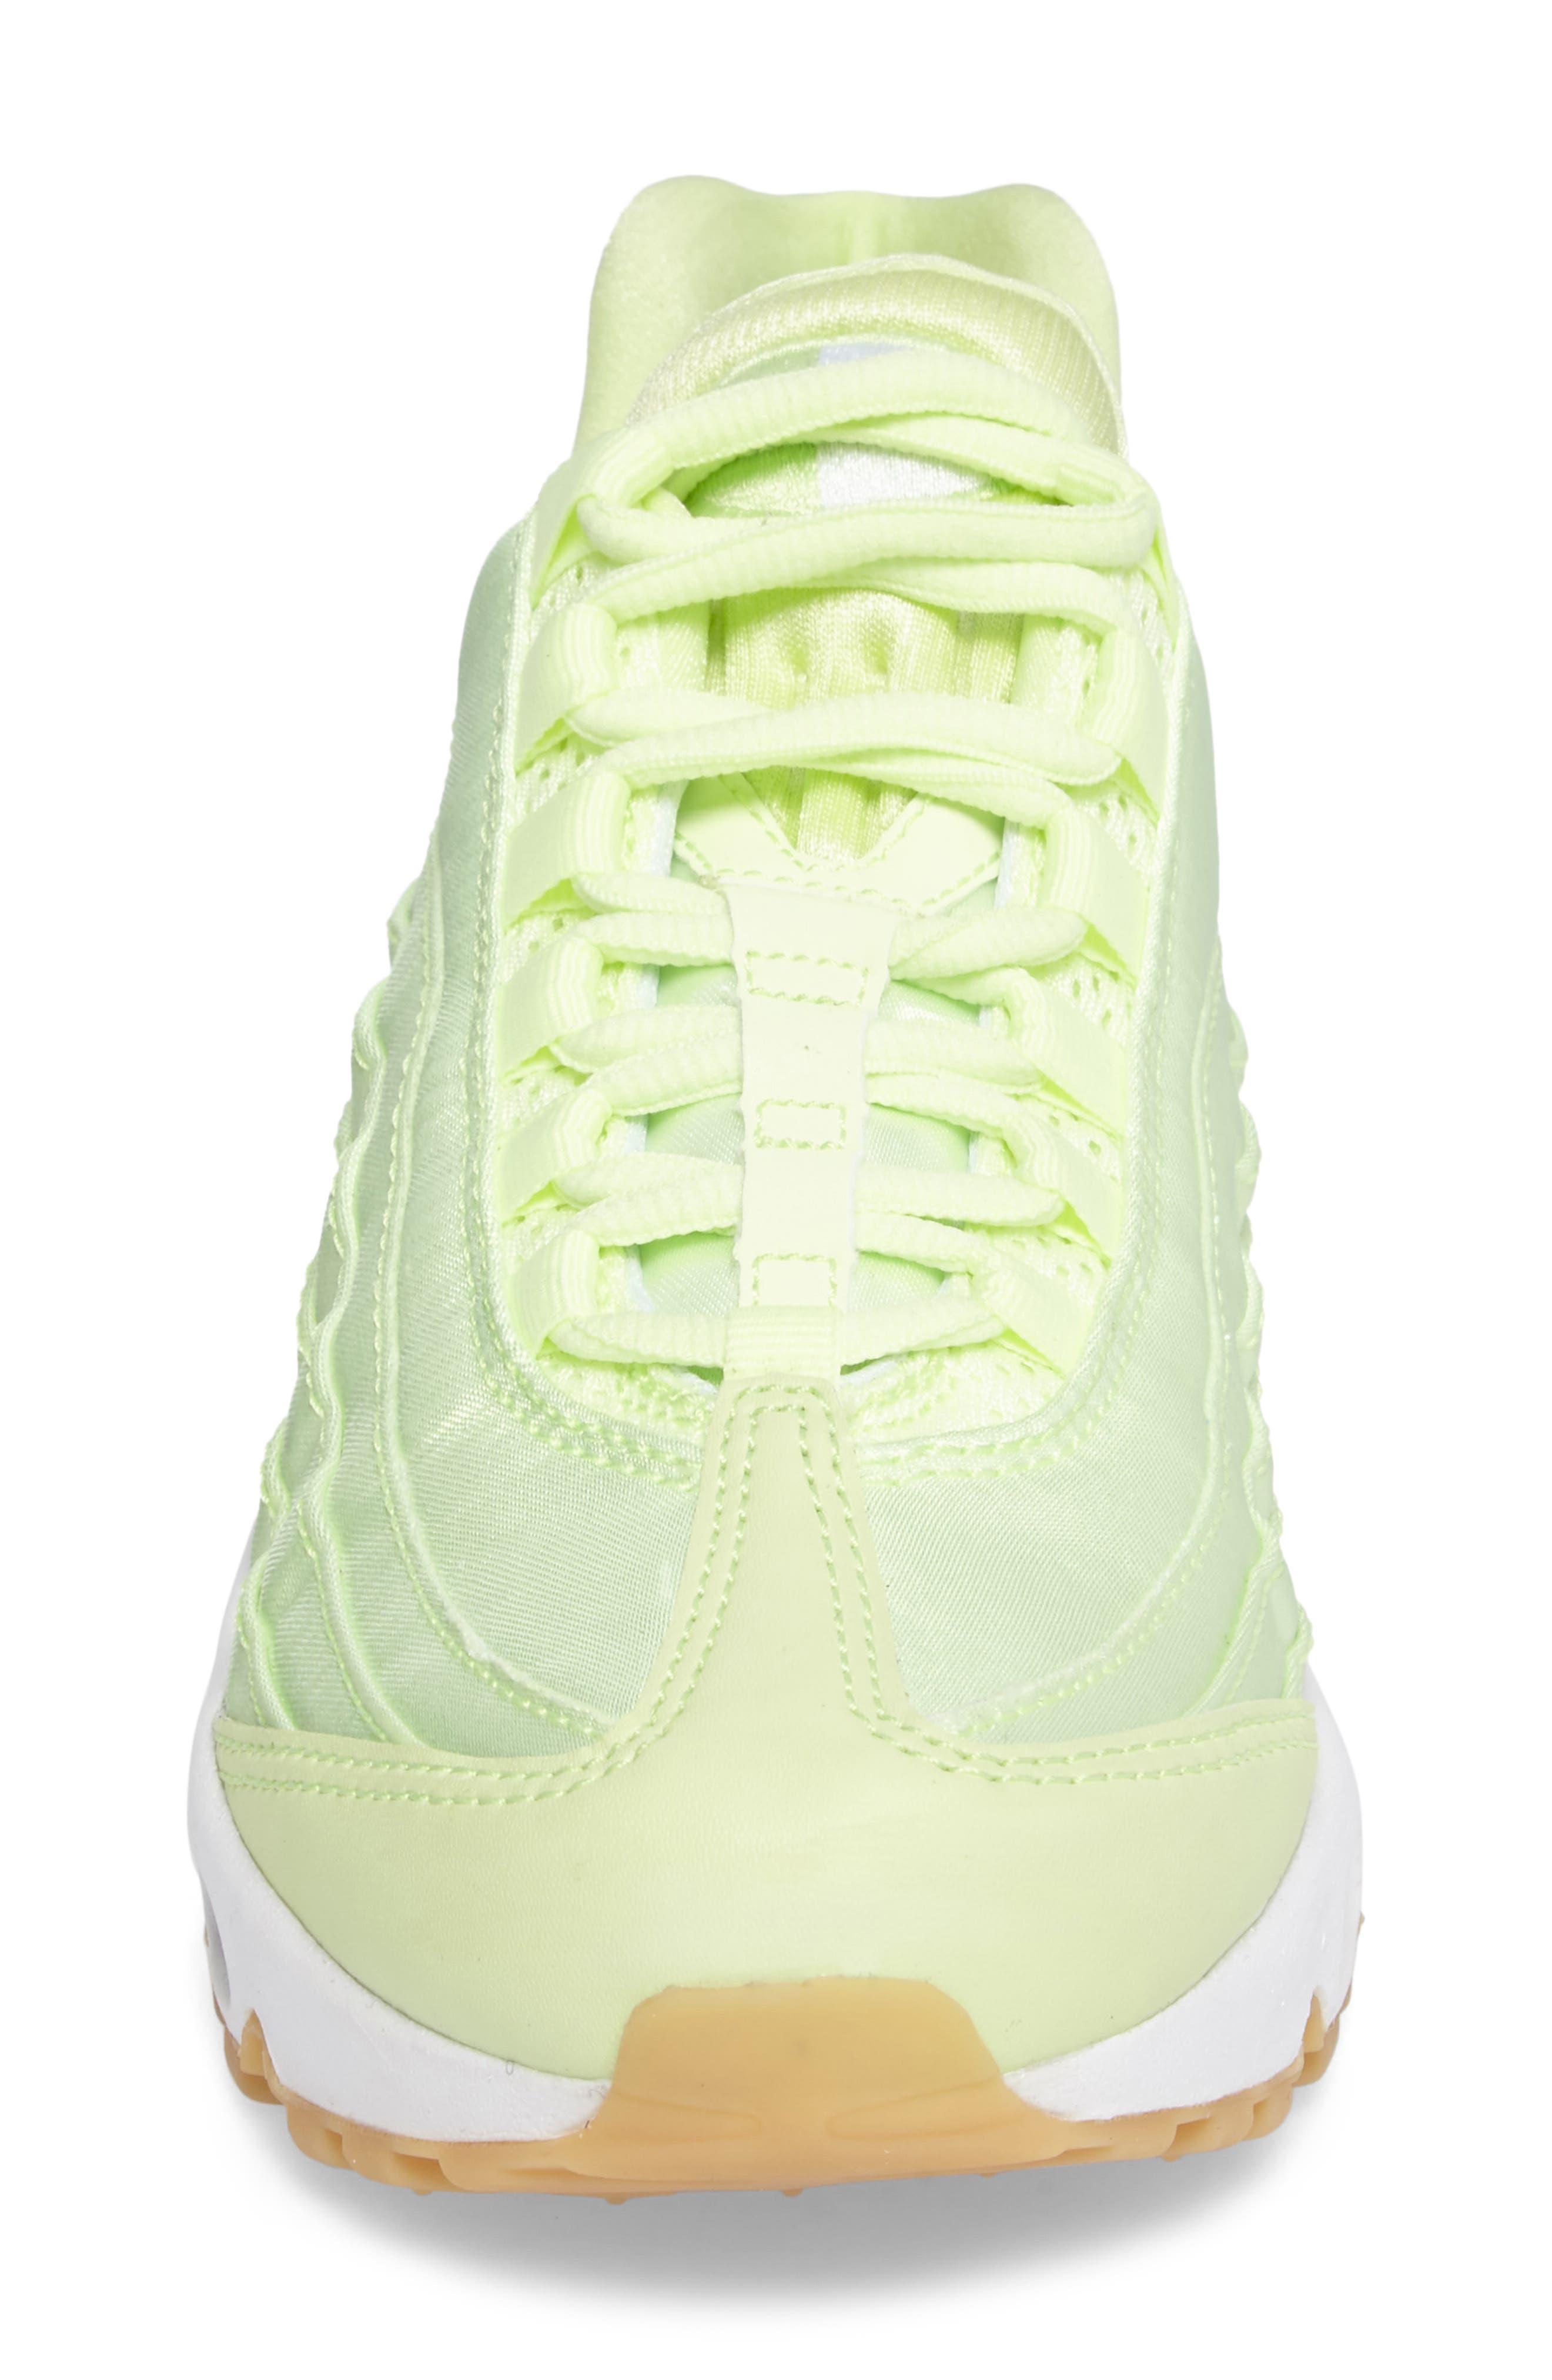 Air Max 95 QS Running Shoe,                             Alternate thumbnail 4, color,                             Liquid Lime/ Liquid Lime